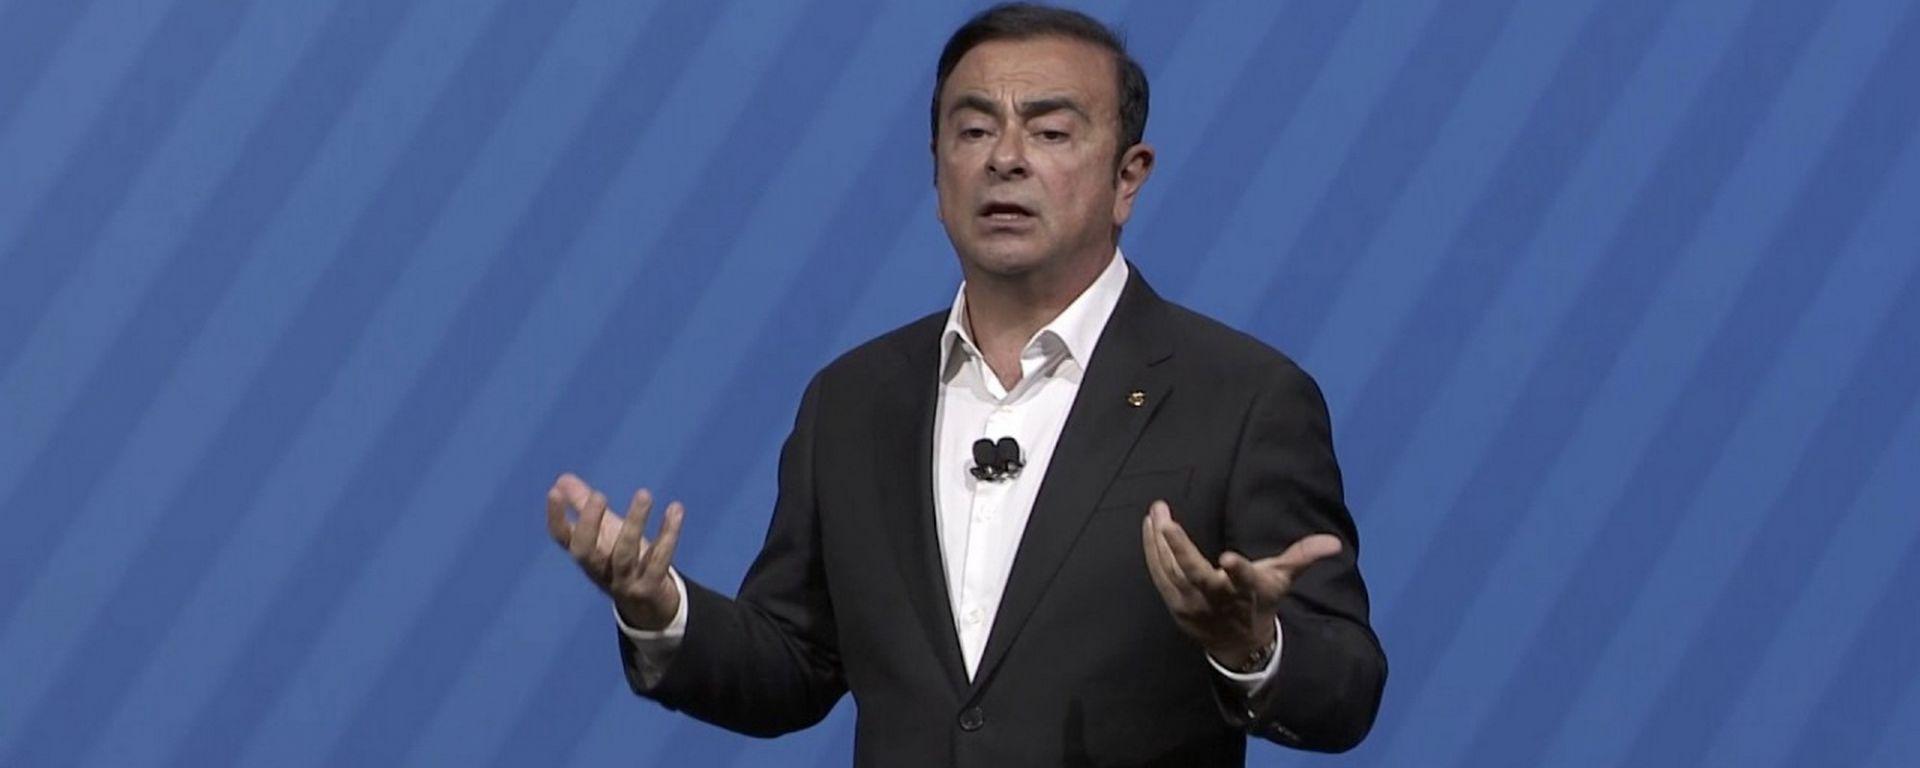 Carlos Ghosn, Ceo dell'Alleanza Renault-Nissan